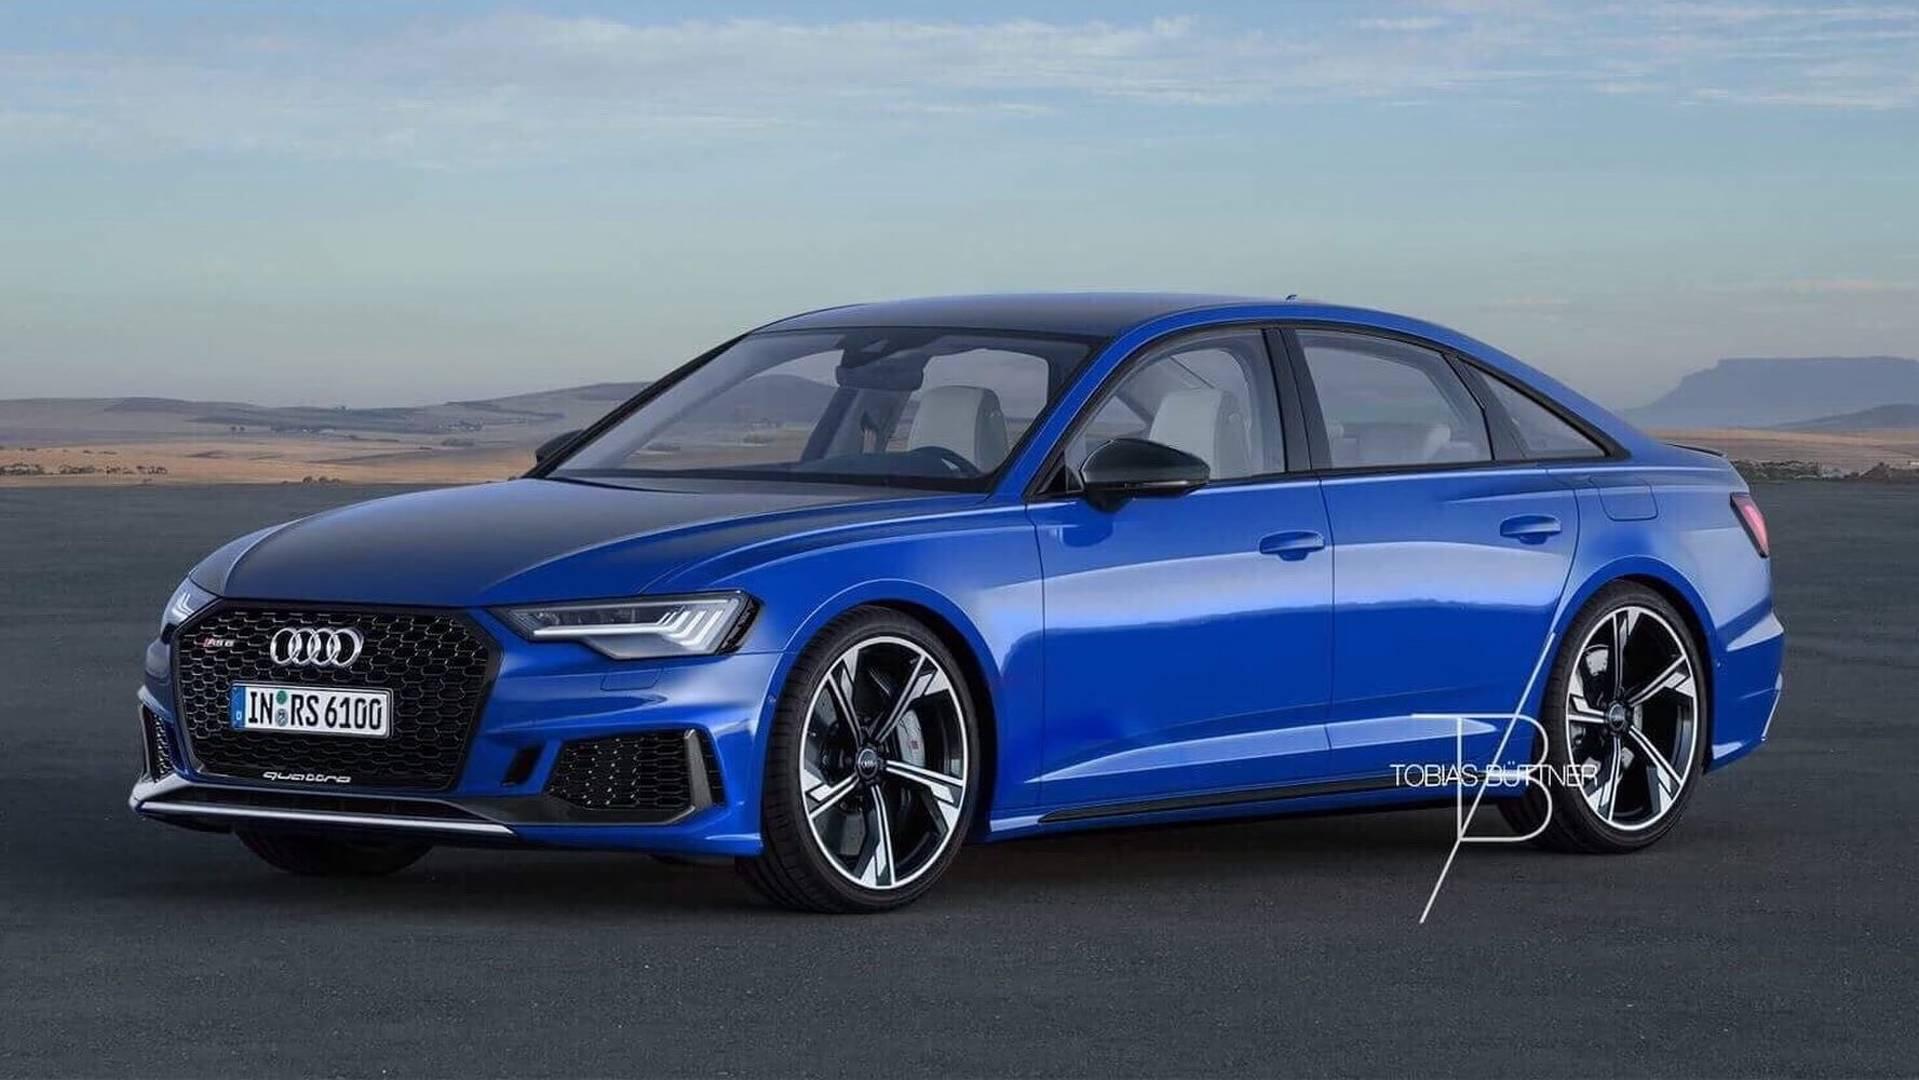 Kelebihan Kekurangan Audi Rs6 Sportback Spesifikasi